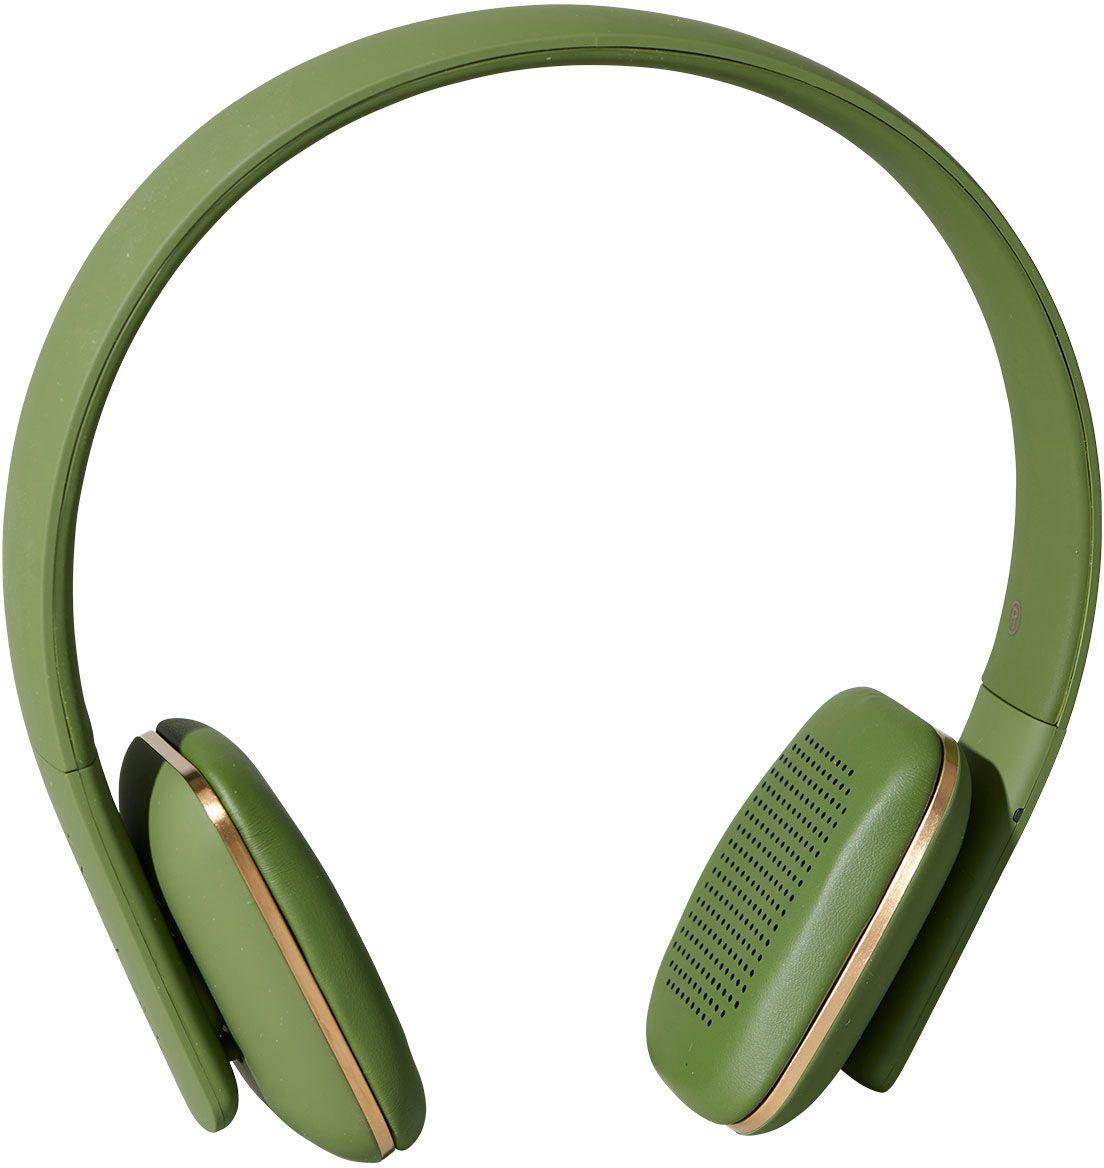 Kreafunk aHEAD, Army наушникиKfss08aHEAD – беспроводные наушники, созданные для настоящих меломанов и модников. Это не только полезный гаджет, но и стильный аксессуар, который дополнит имидж и подчеркнет индивидуальность. Наушники оснащены Bluetooth-гарнитурой и совместимы с любым смартфоном. Панель управления находится на одном из наушников, что позволяет легко регулировать музыку, уровень громкости или даже принимать телефонные звонки. Подушки наушников выполнены из мягкой эко-кожи, а настраиваемый ободок имеет приятное покрытие soft touch. Великолепное качество звука, простота эксплуатации и лаконичный дизайн – этим гаджетом захочется пользоваться изо дня в день. В комплекте фирменный мешочек из PU кожи. Поставляются в стильной деревянной упаковке, поэтому могут стать отличным подарком меломанам и всем поклонникам скандинавского дизайна. Также коробку украшают слова Фридриха Ницше: «Без музыки жизнь была бы ошибкой».Технические характеристики:Аккумулятор (Li-ion) 195 мАчДо 14 часов беспрерывной работы Bluetooth 4.0+EDRДиапазон воспроизводимых частот: 80 Гц - 20 кГцНизкий уровень шума и эхо CVC 6.0 Время работы 20 дней в режиме ожидания Продолжительность зарядки: 2,5 часаПанель управления: громкость, пропуск записи, воспроизведение, пауза, ответить/завершить вызовВстроенный микрофонДинамик 40 мм, сильный и чистый низкий звукЗарядный кабель micro-USB - USB в комплектеМеждународные сертификаты: CE, FCC, RoHS, WEEE